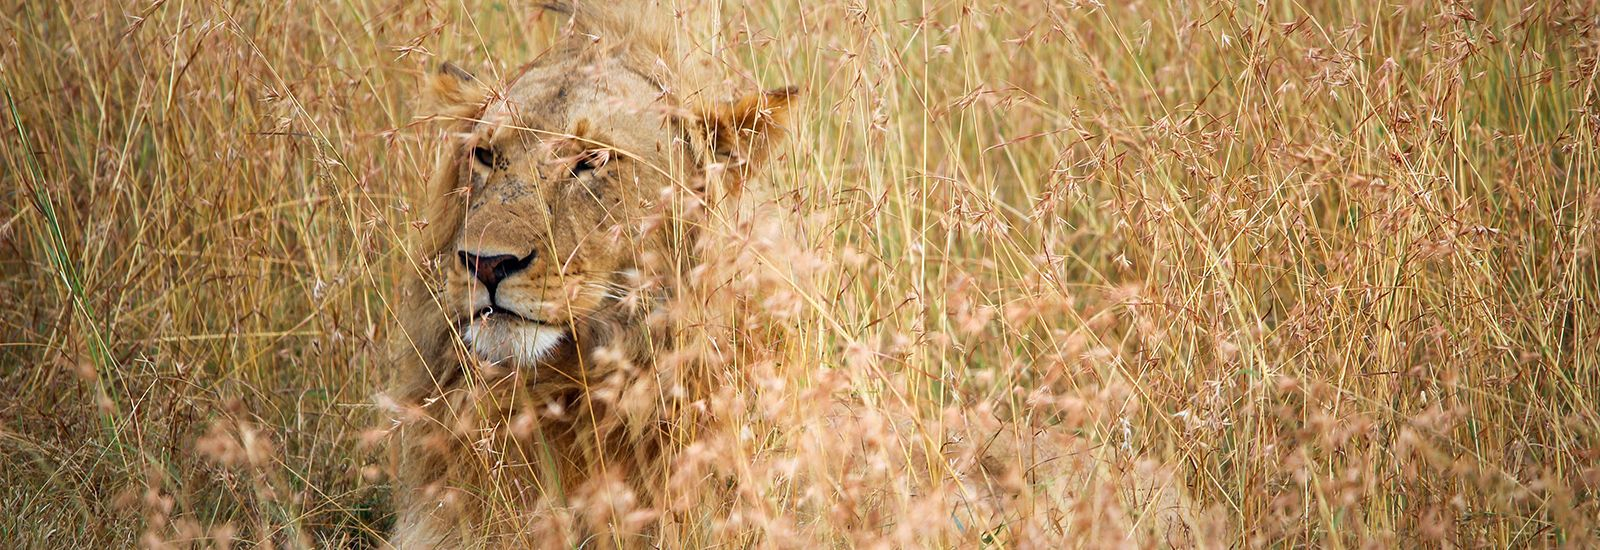 Lion in the Maasai Mara